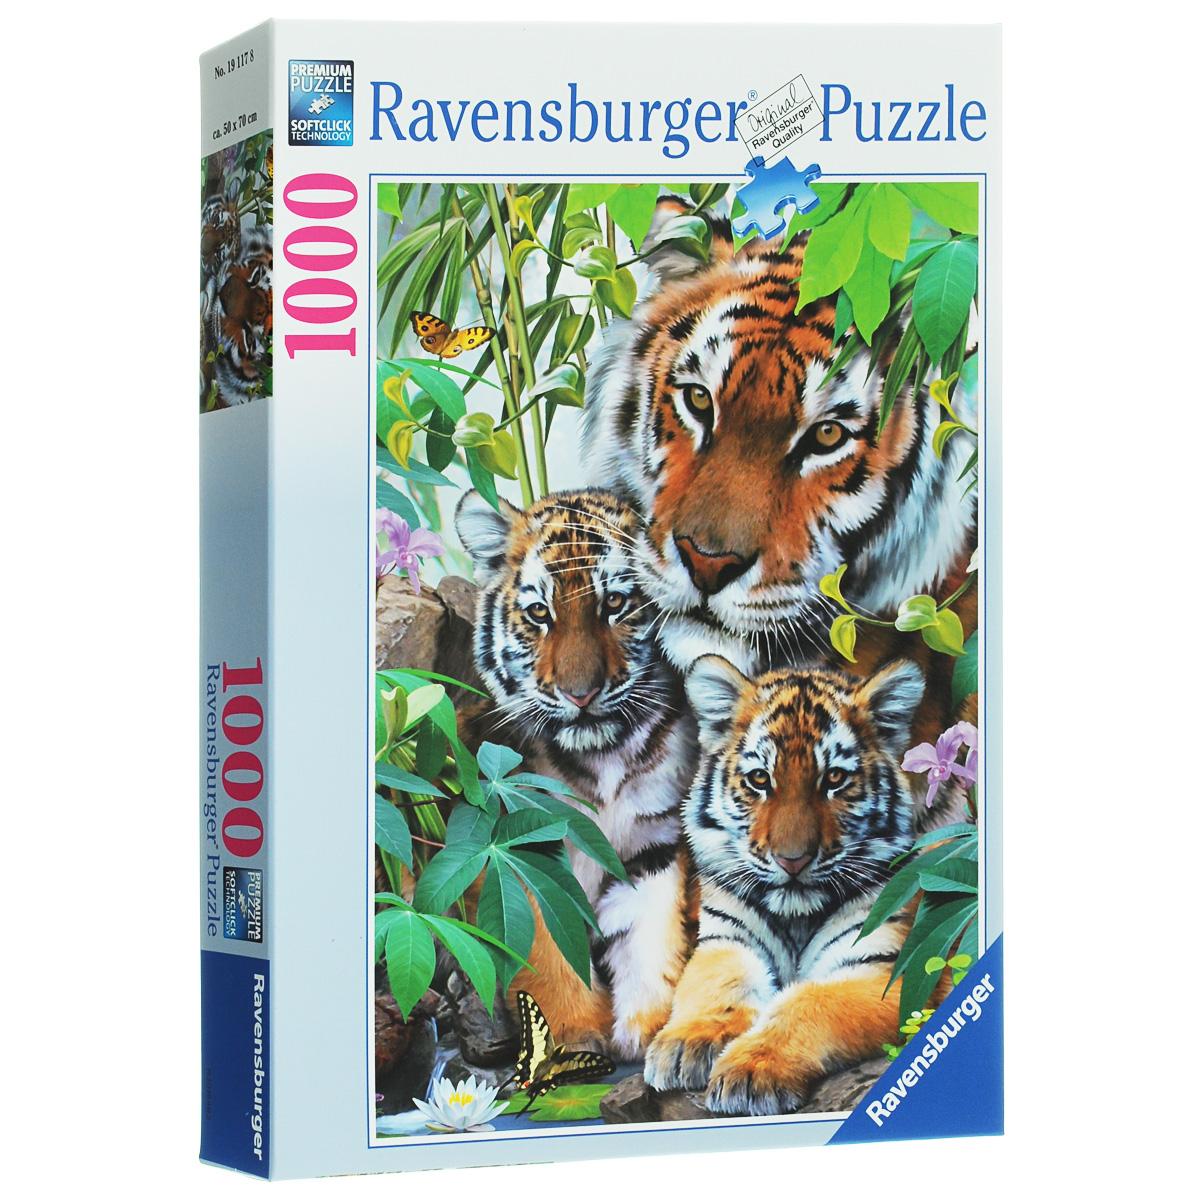 Ravensburger Семья тигров. Пазл, 1000 элементов19117Пазл Ravensburger Семья тигров понравится и вам, и вашему ребенку. Собрав этот пазл, включающий в себя 1000 элементов, вы получите замечательную картину с изображением тигров. Каждая деталь имеет свою форму и подходит только на свое место. Нет двух одинаковых деталей! Пазл изготовлен из картона высочайшего качества. Softclick технология гарантирует 100% соединение деталей. Все изображения аккуратно отсканированы и напечатаны на ламинированной бумаге. Пазл - великолепная игра для семейного досуга. Сегодня собирание пазлов стало особенно популярным, главным образом, благодаря своей многообразной тематике, способной удовлетворить самый взыскательный вкус. А для детей это не только интересно, но и полезно. Собирание пазла развивает мелкую моторику у ребенка, тренирует наблюдательность, логическое мышление, знакомит с окружающим миром, с цветом и разнообразными формами.